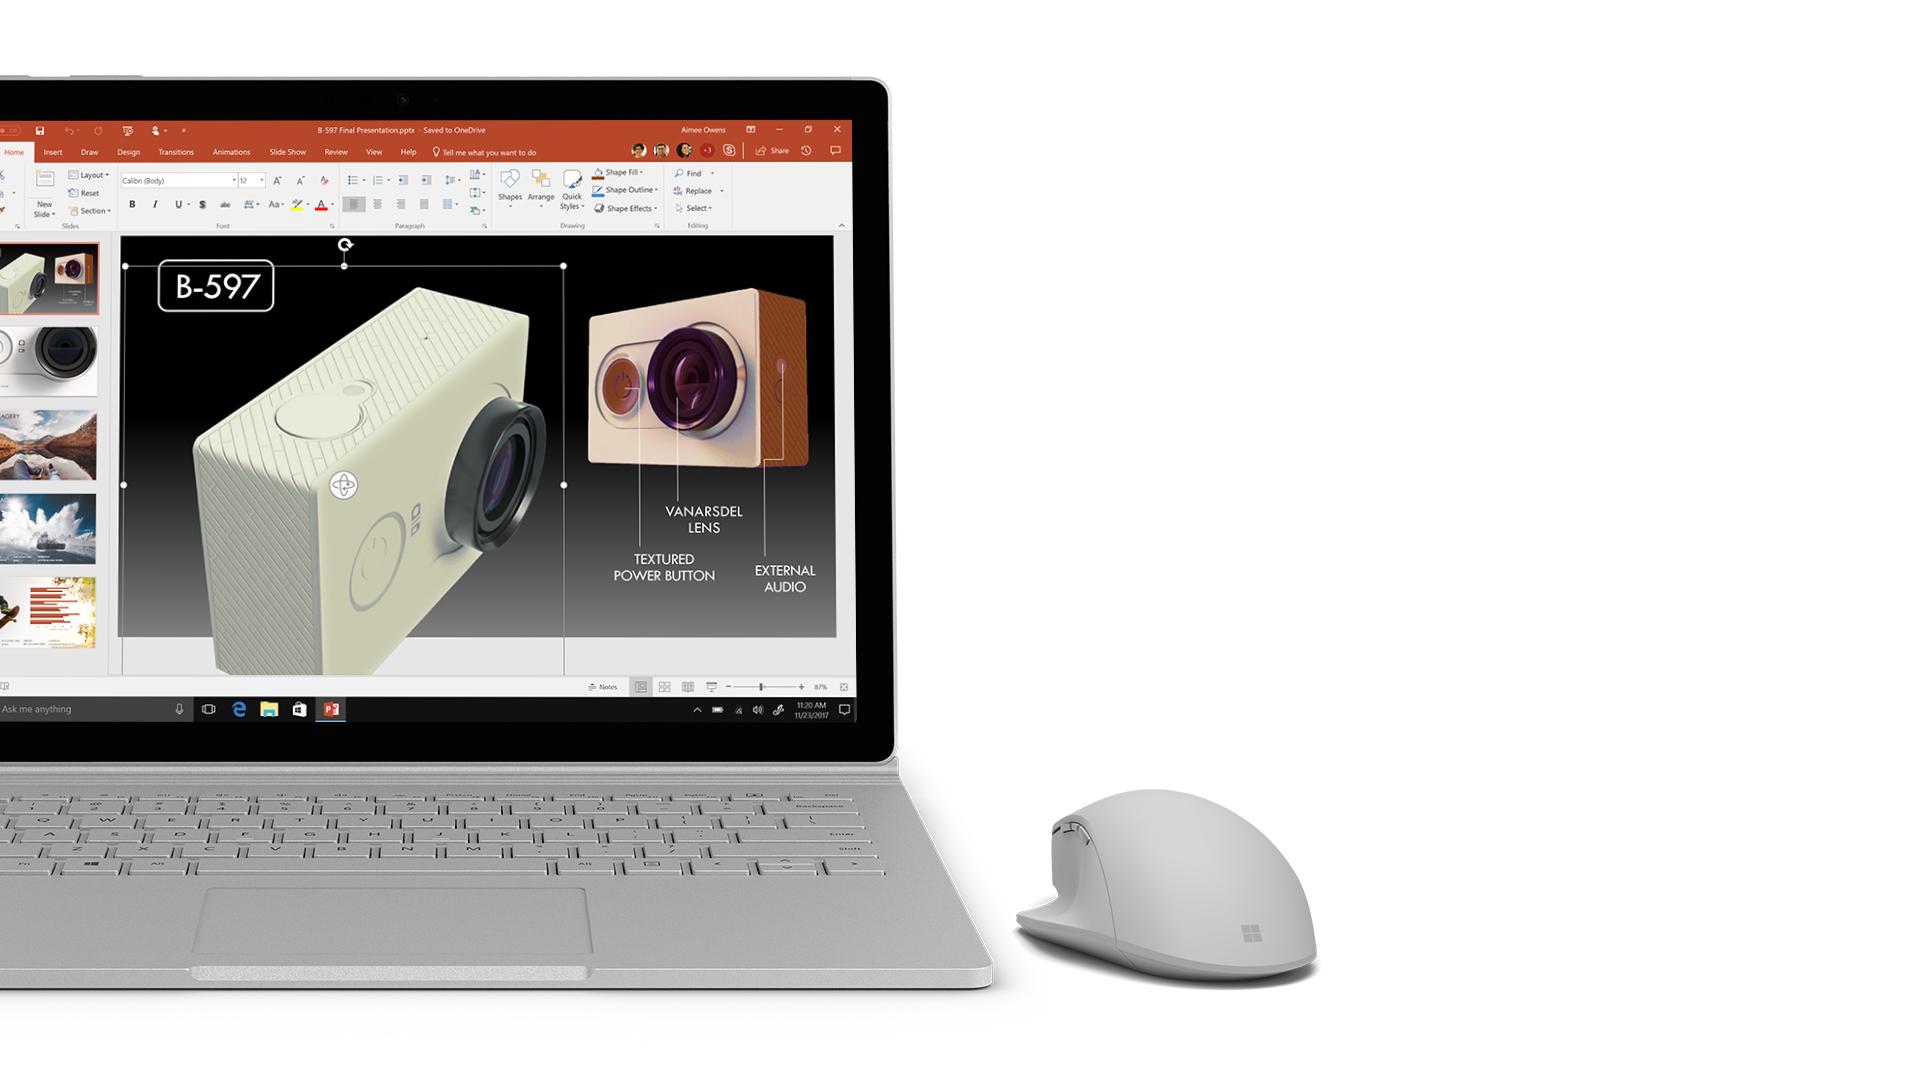 Captura de ecrã do PowerPoint no Surface.